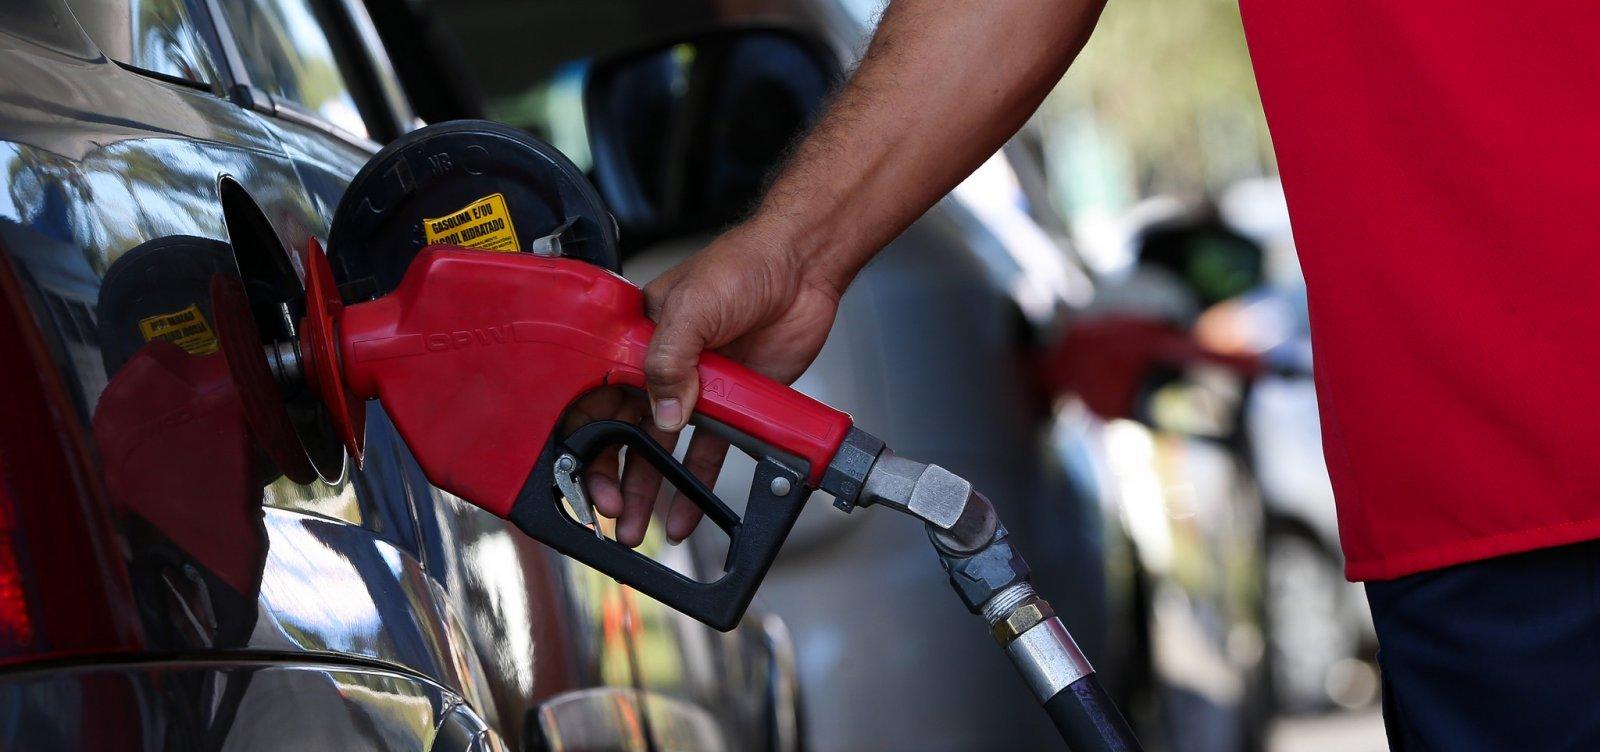 Preço da gasolina deve cair 8% após mudança na cobrança do ICMS, estima Arthur Lira